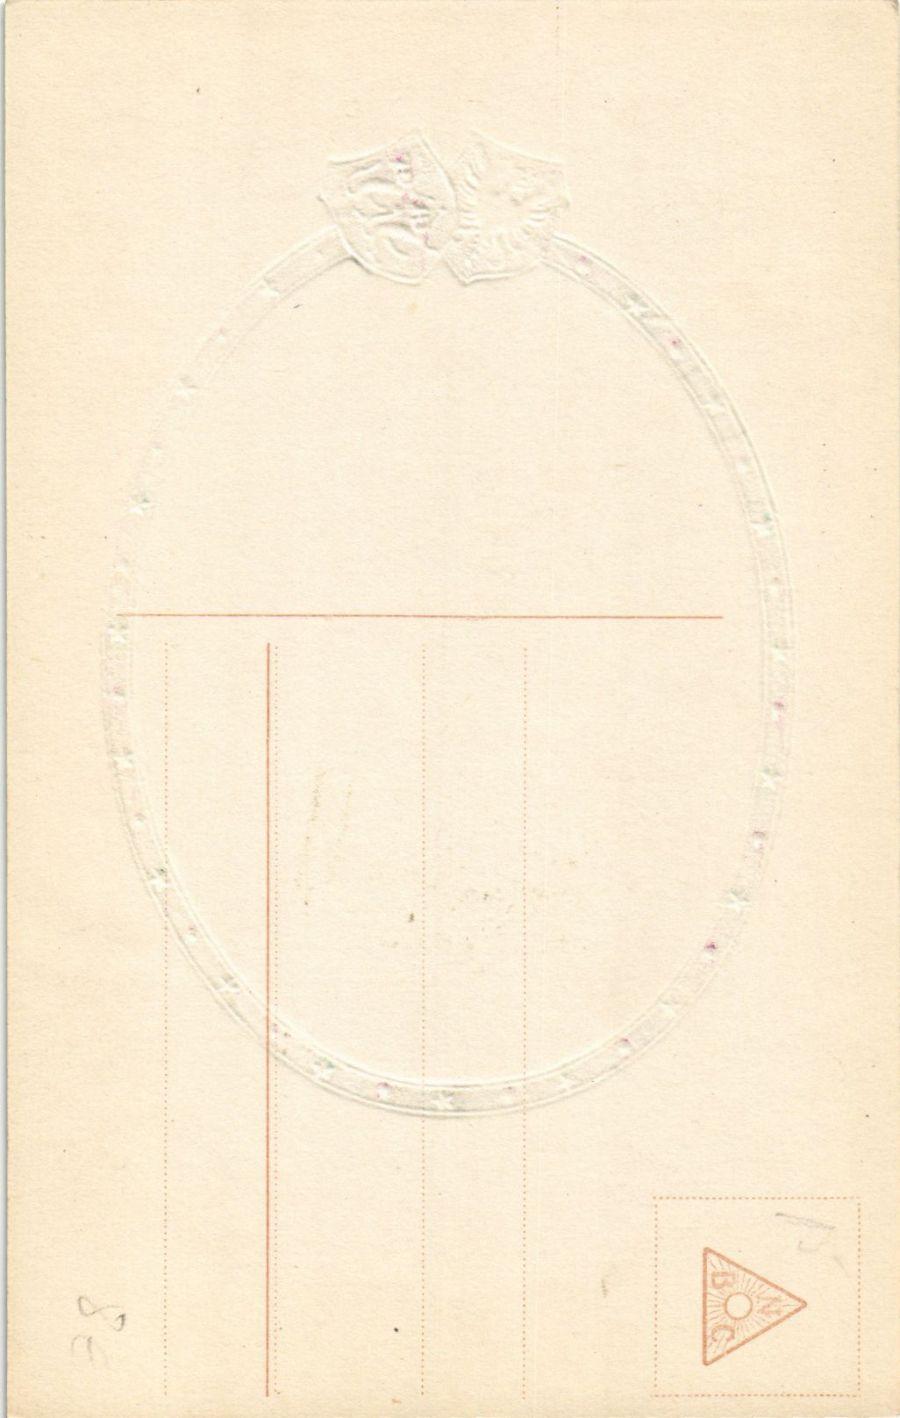 CPA-AK-Ernst-August-u-Viktoria-Luise-v-Braunschweig-GERMAN-ROYALTY-867876 Indexbild 2